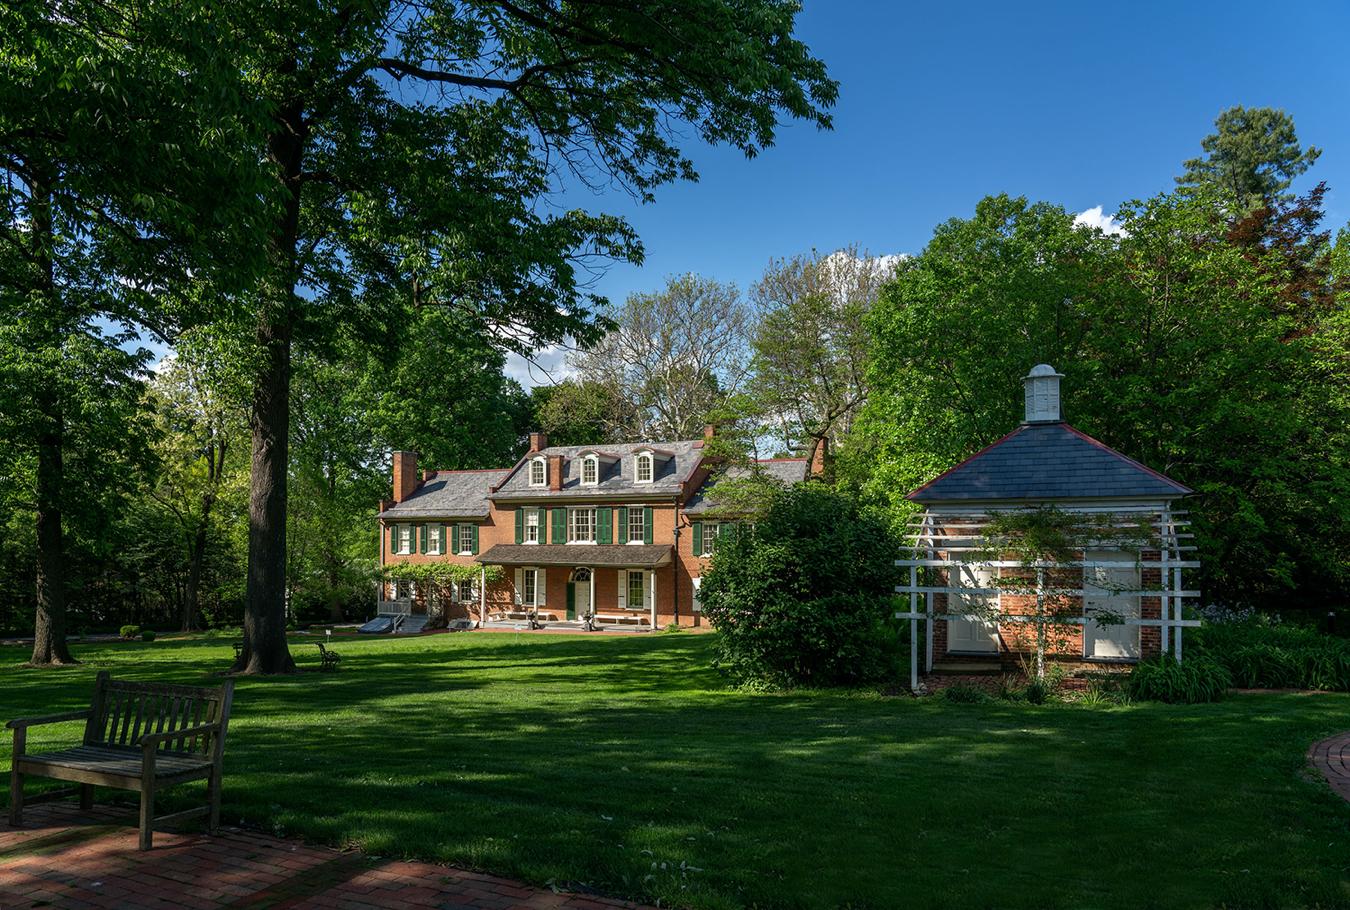 President Buchanan's Home exterior, Lancaster